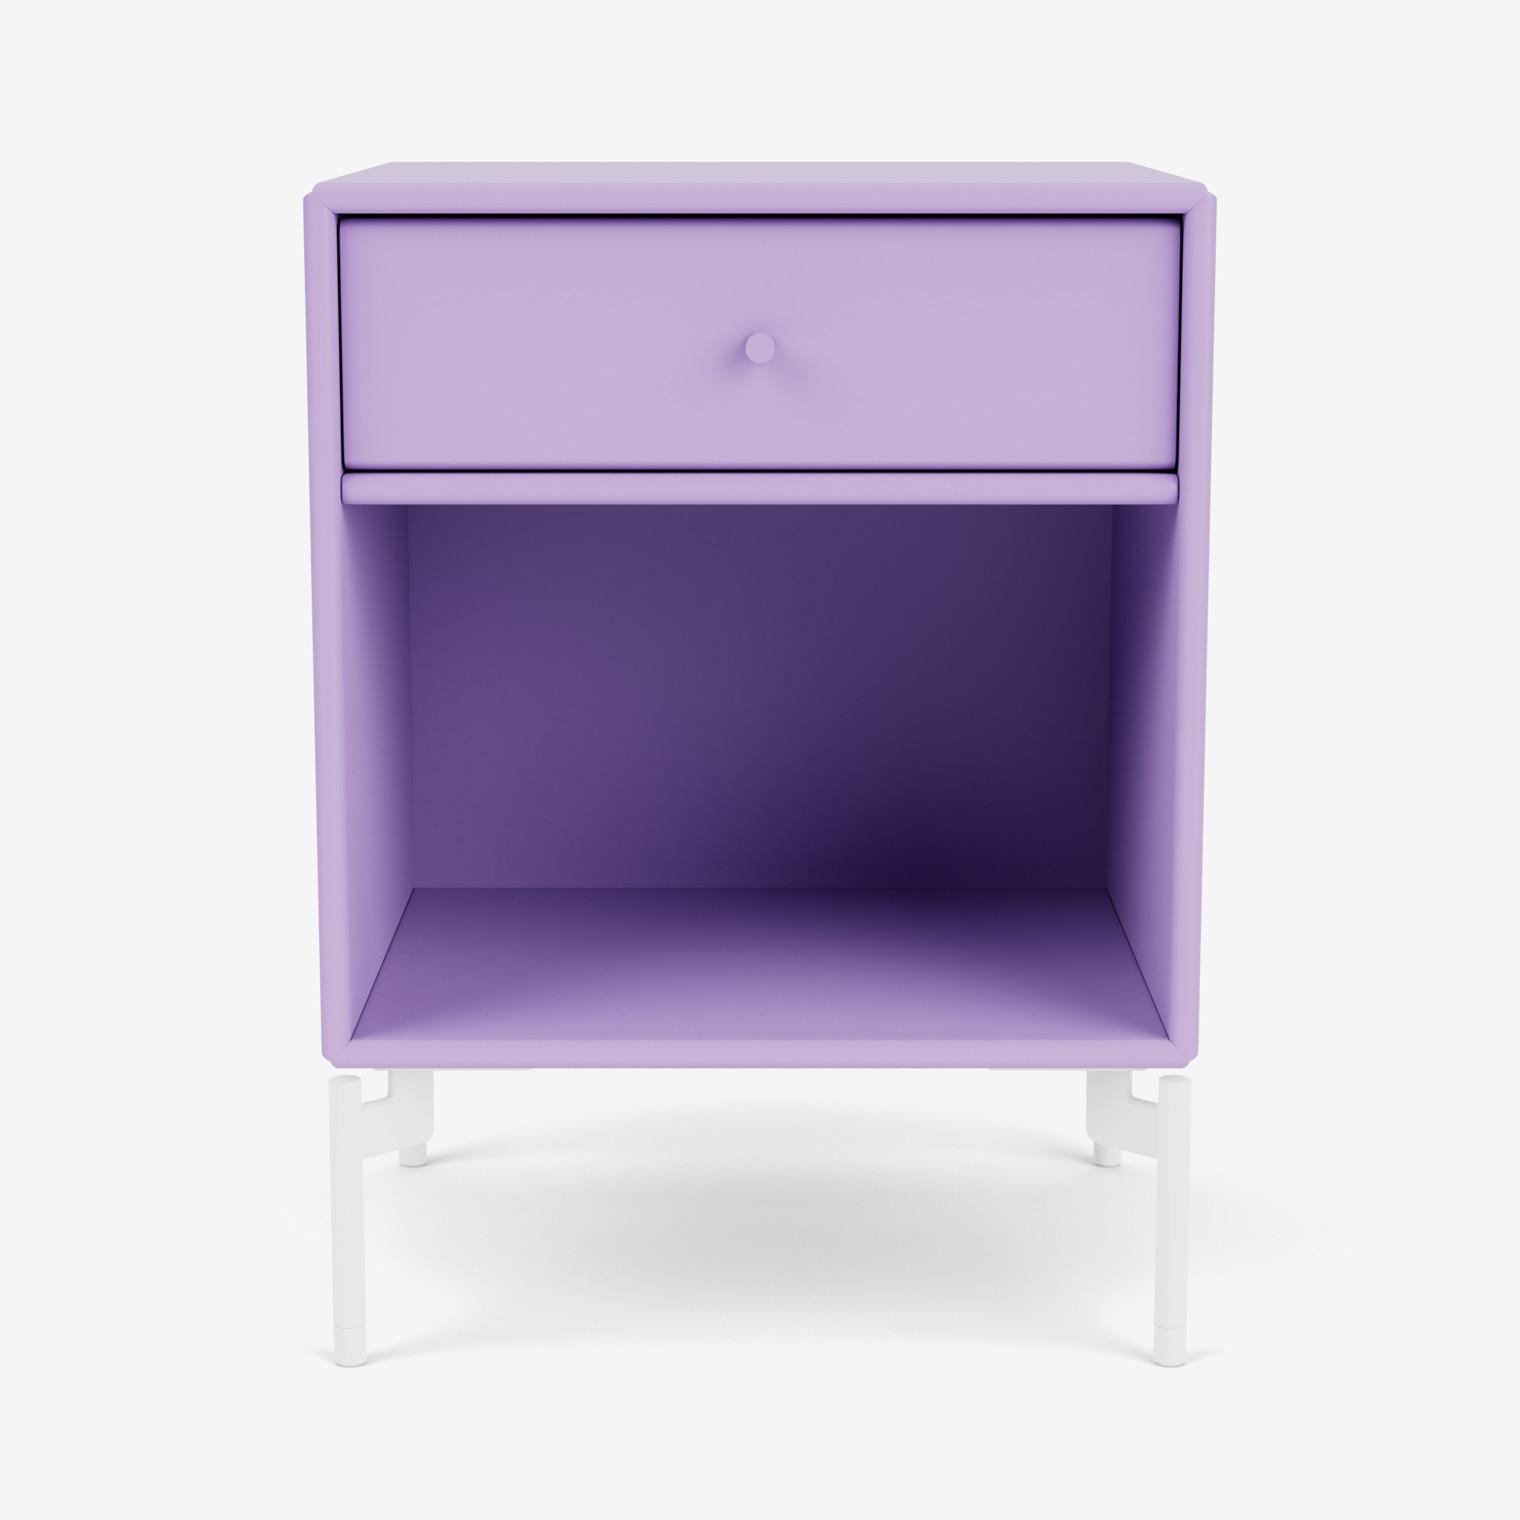 DREAM nightstand